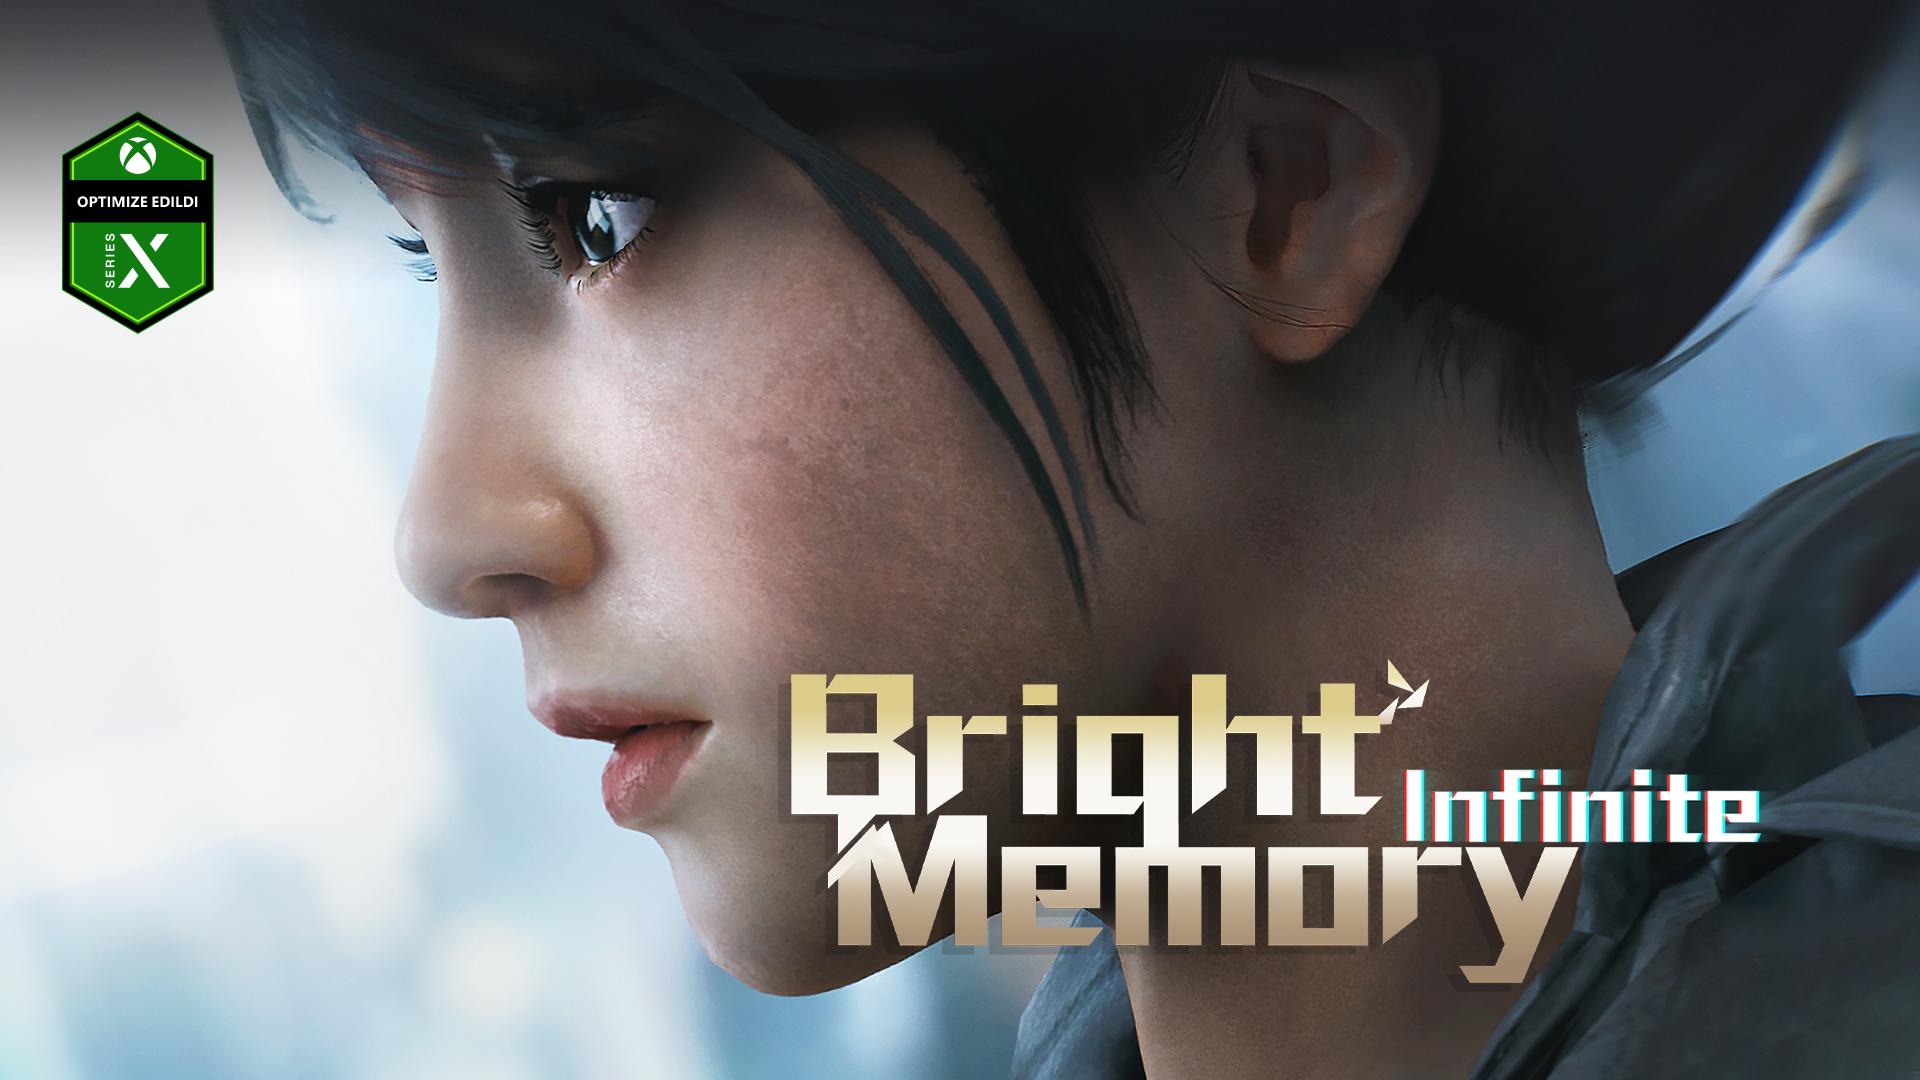 Bright Memory Infinite, Series X için Optimize Edildi, uzaklara bakan bir genç kadın.